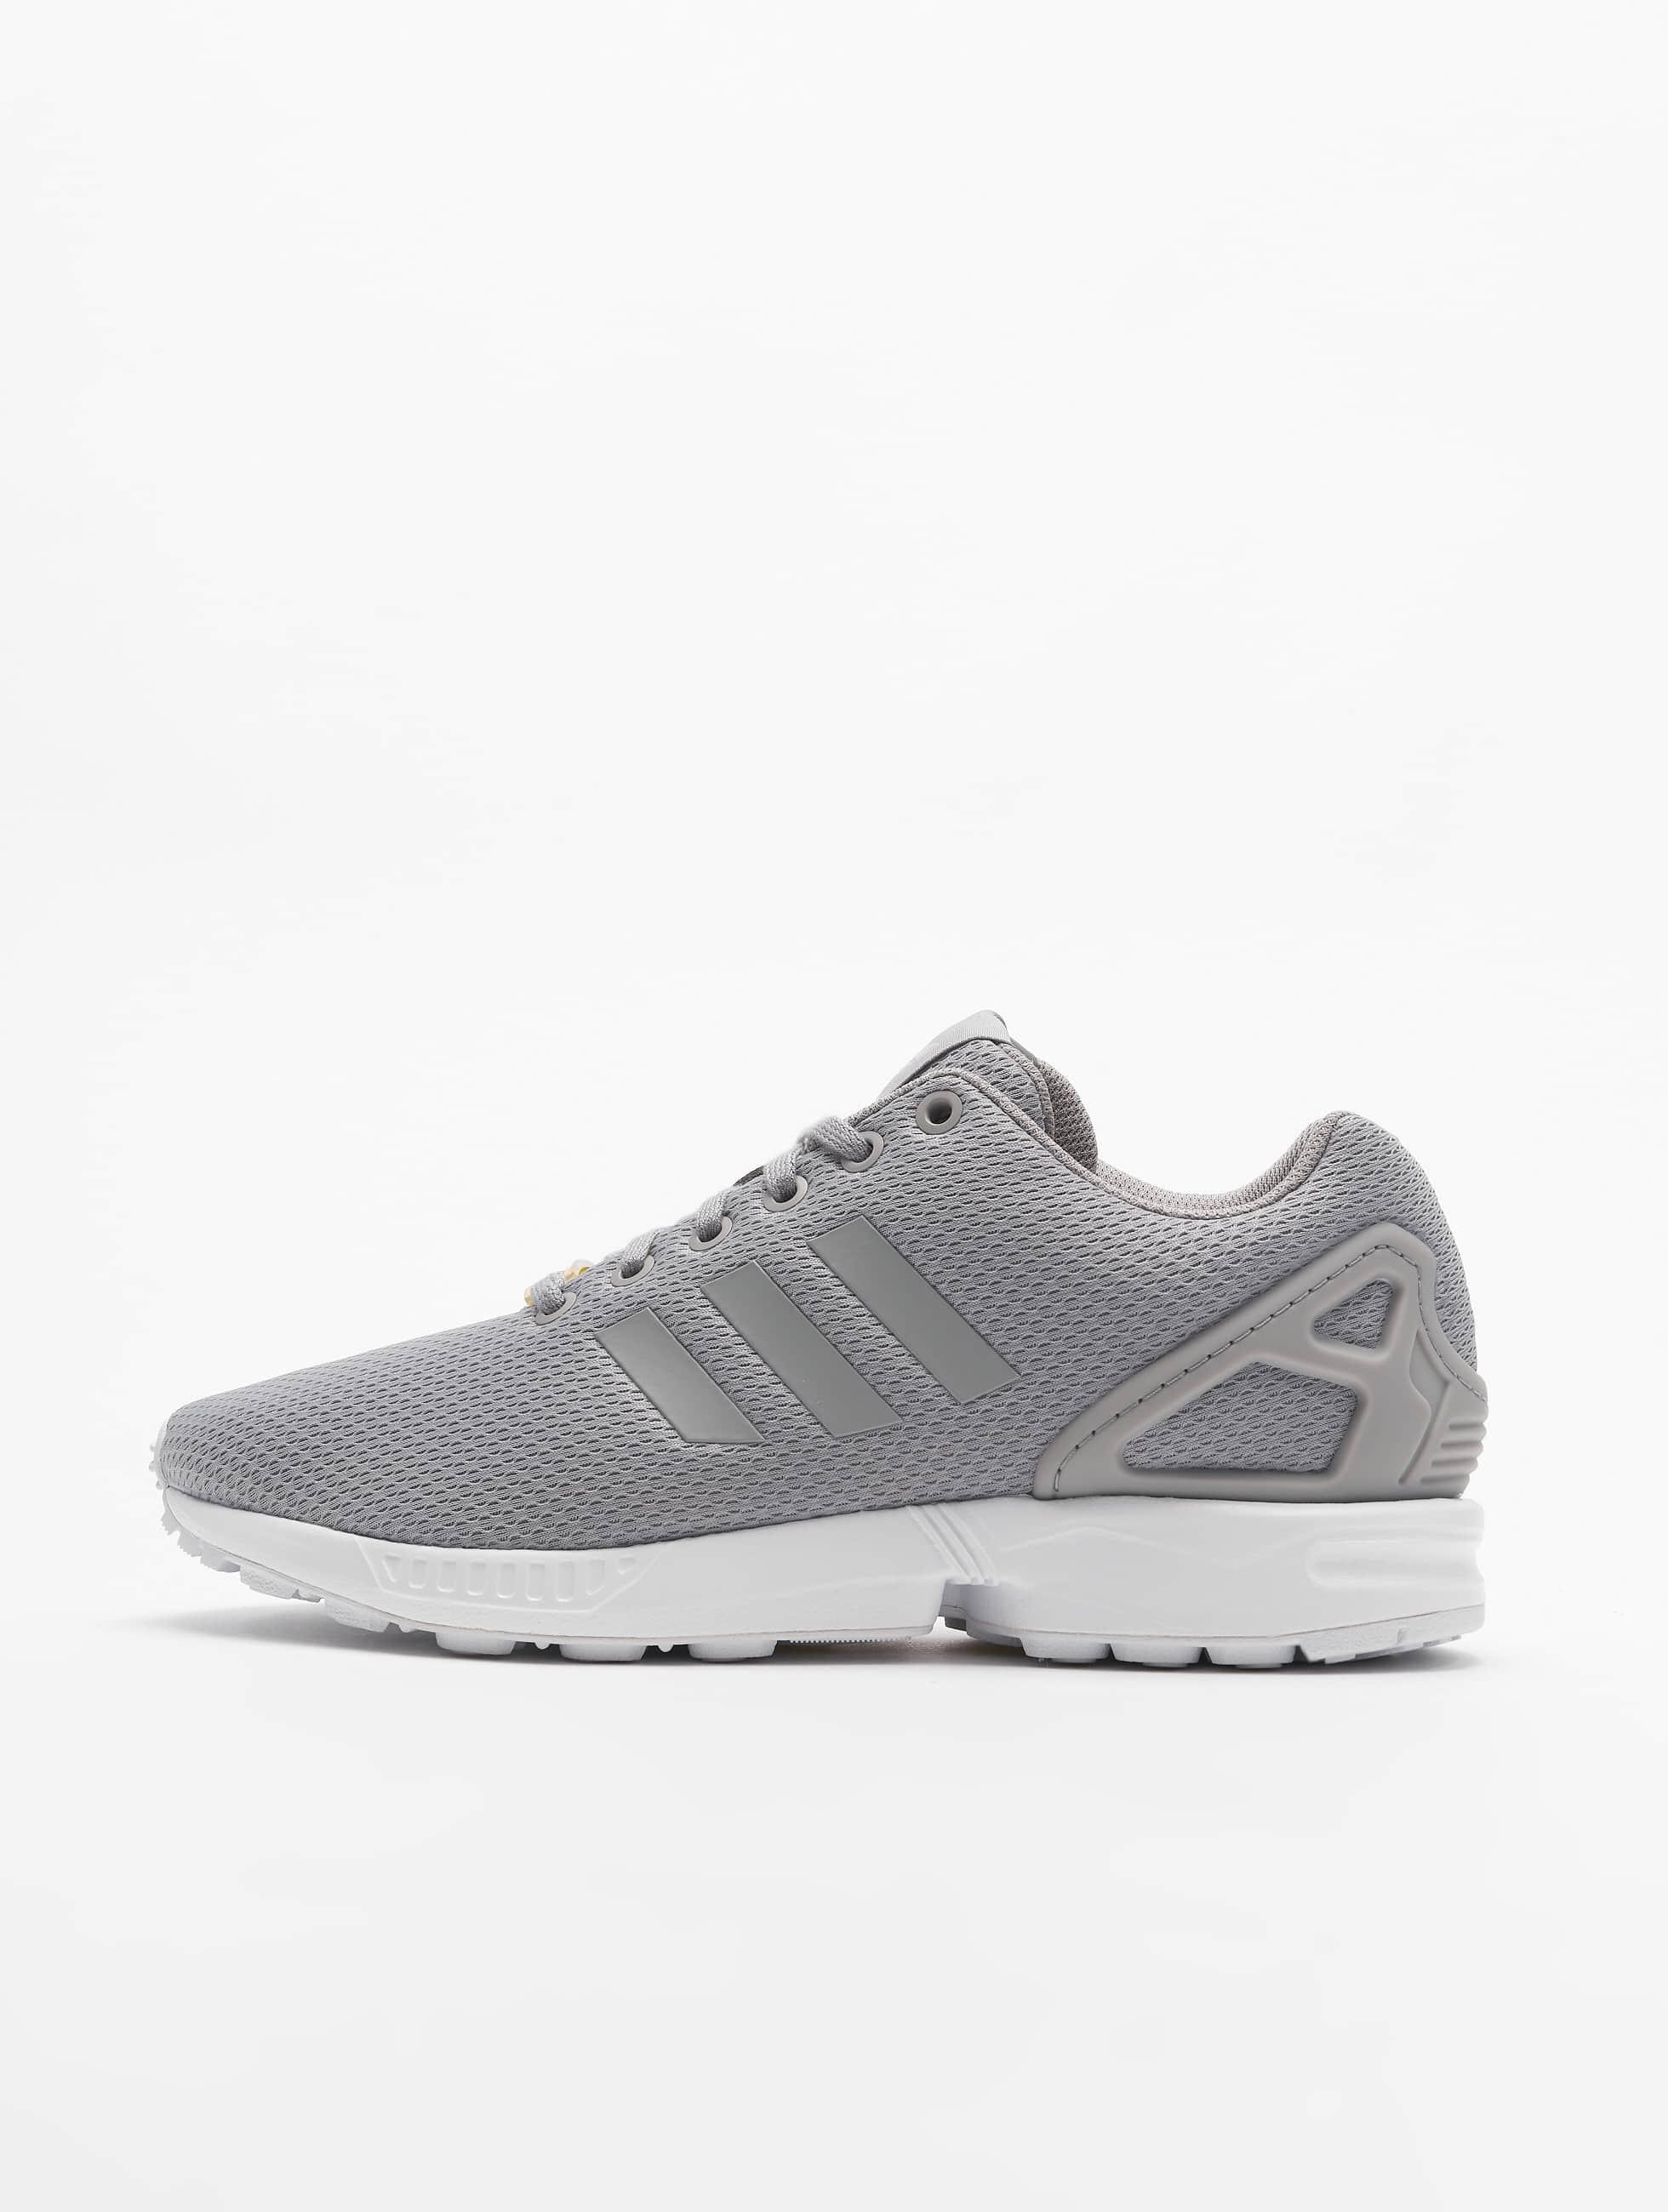 Adidas Flux Grau Weiß